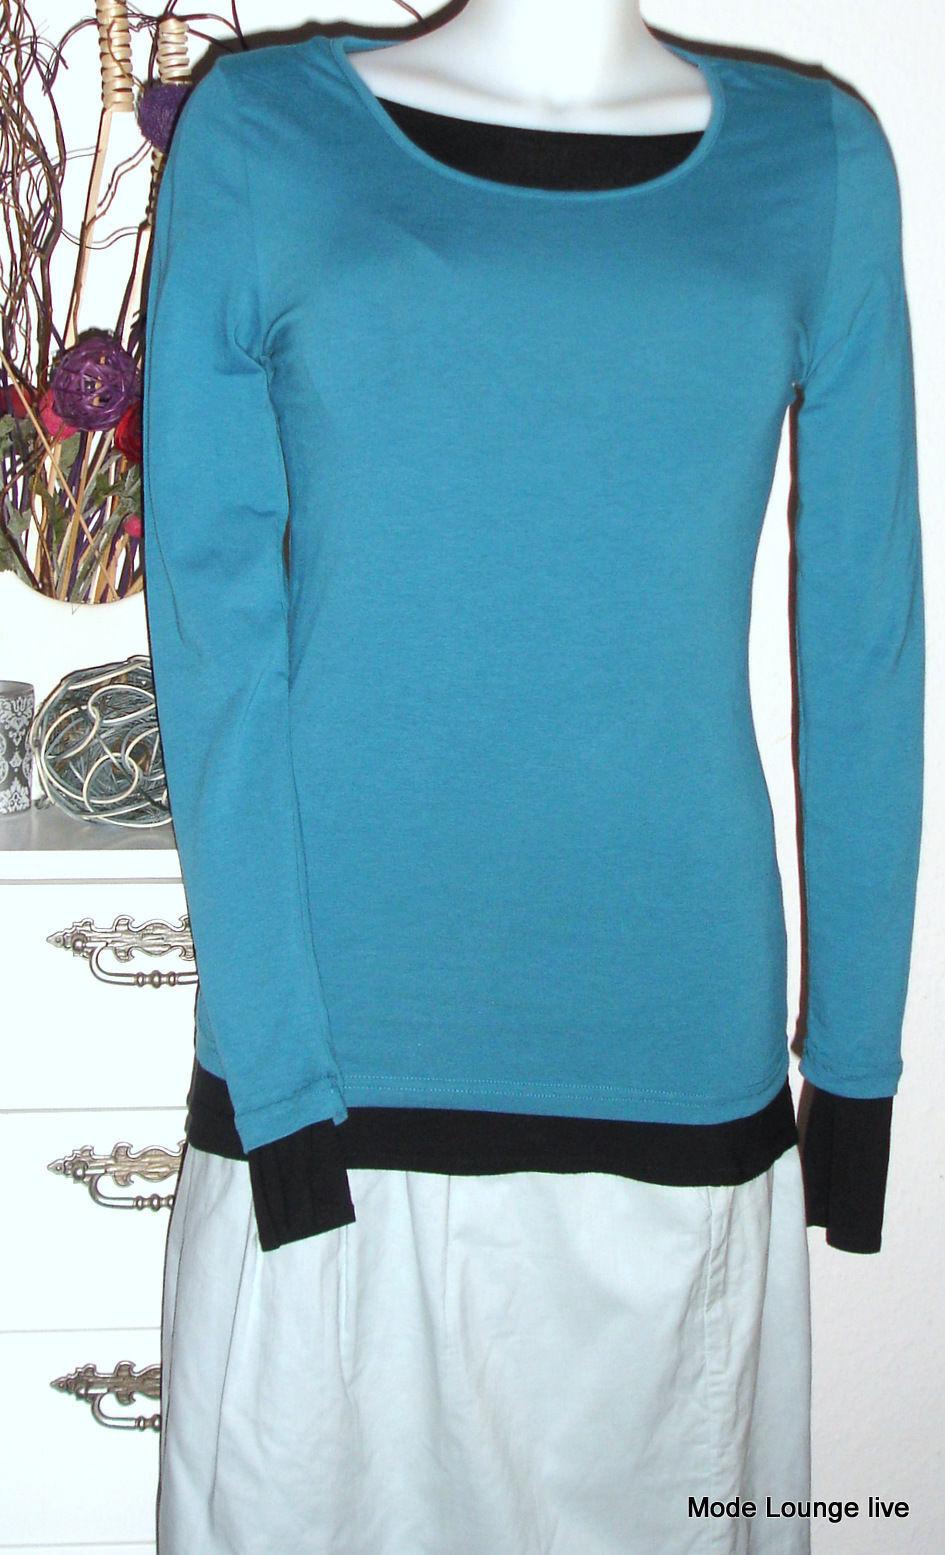 Noa Maglietta Basic Jersey Elasticizzato Cotone Foglia di Tè blue Turchese